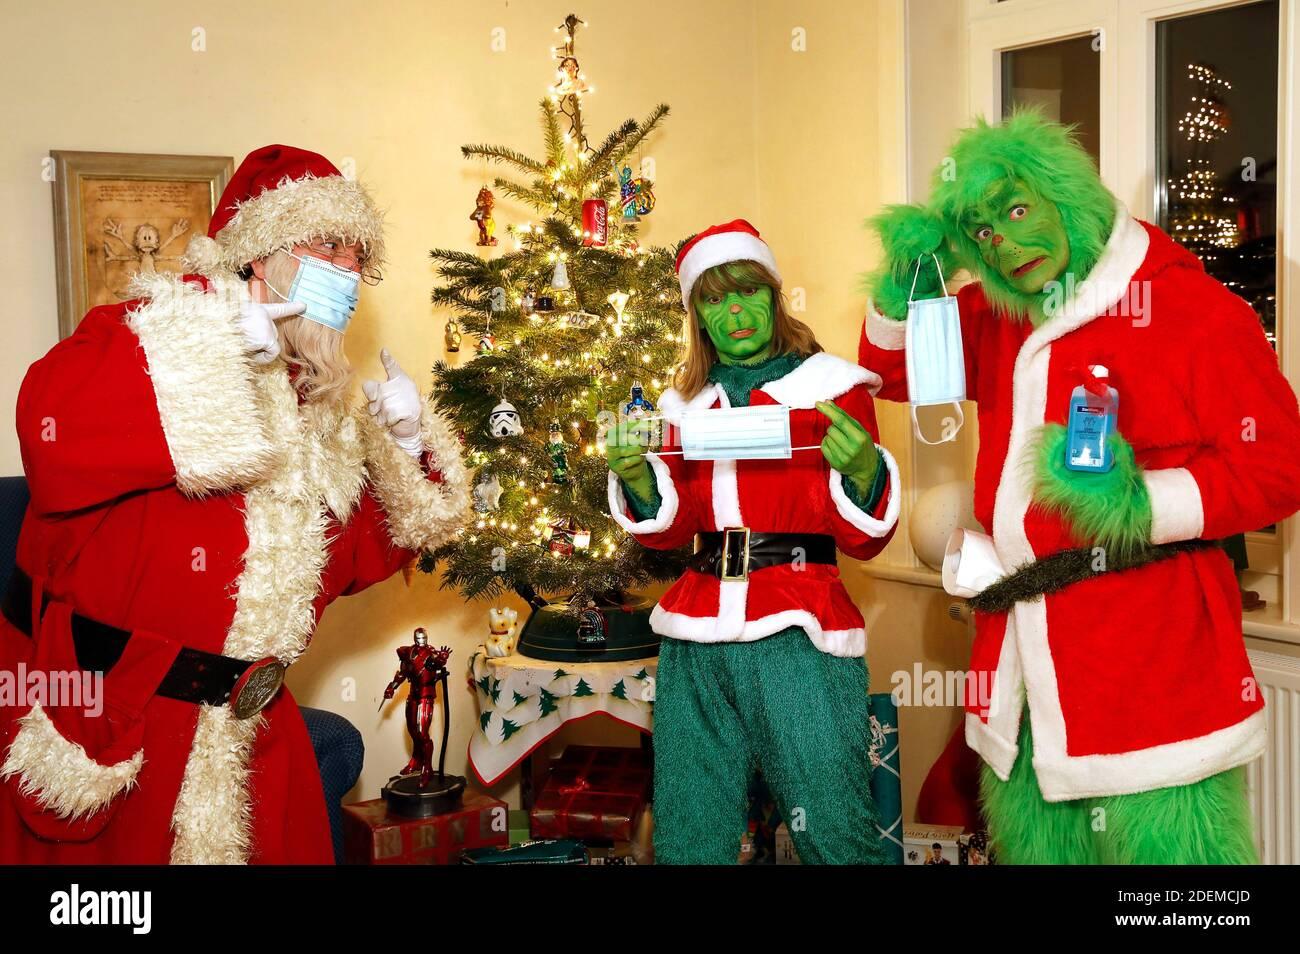 Santa Claus trata de explicar a la Grinch y a la Sra. Grinch cómo usar una máscara protectora. GEEK ART - Bodypainting and Transformaking: 'El Grinch roba la Navidad' Photoshooting con Enrico Lein como Grinch, Maria Skupin como la Sra. Grinch y Fabian Zesiger como Santa Claus en la Villa Czarnecki. En Hameln el 30 de noviembre de 2020 - un proyecto del fotógrafo Tschiponnique Skupin y el pintor de cuerpo Enrico Lein Foto de stock